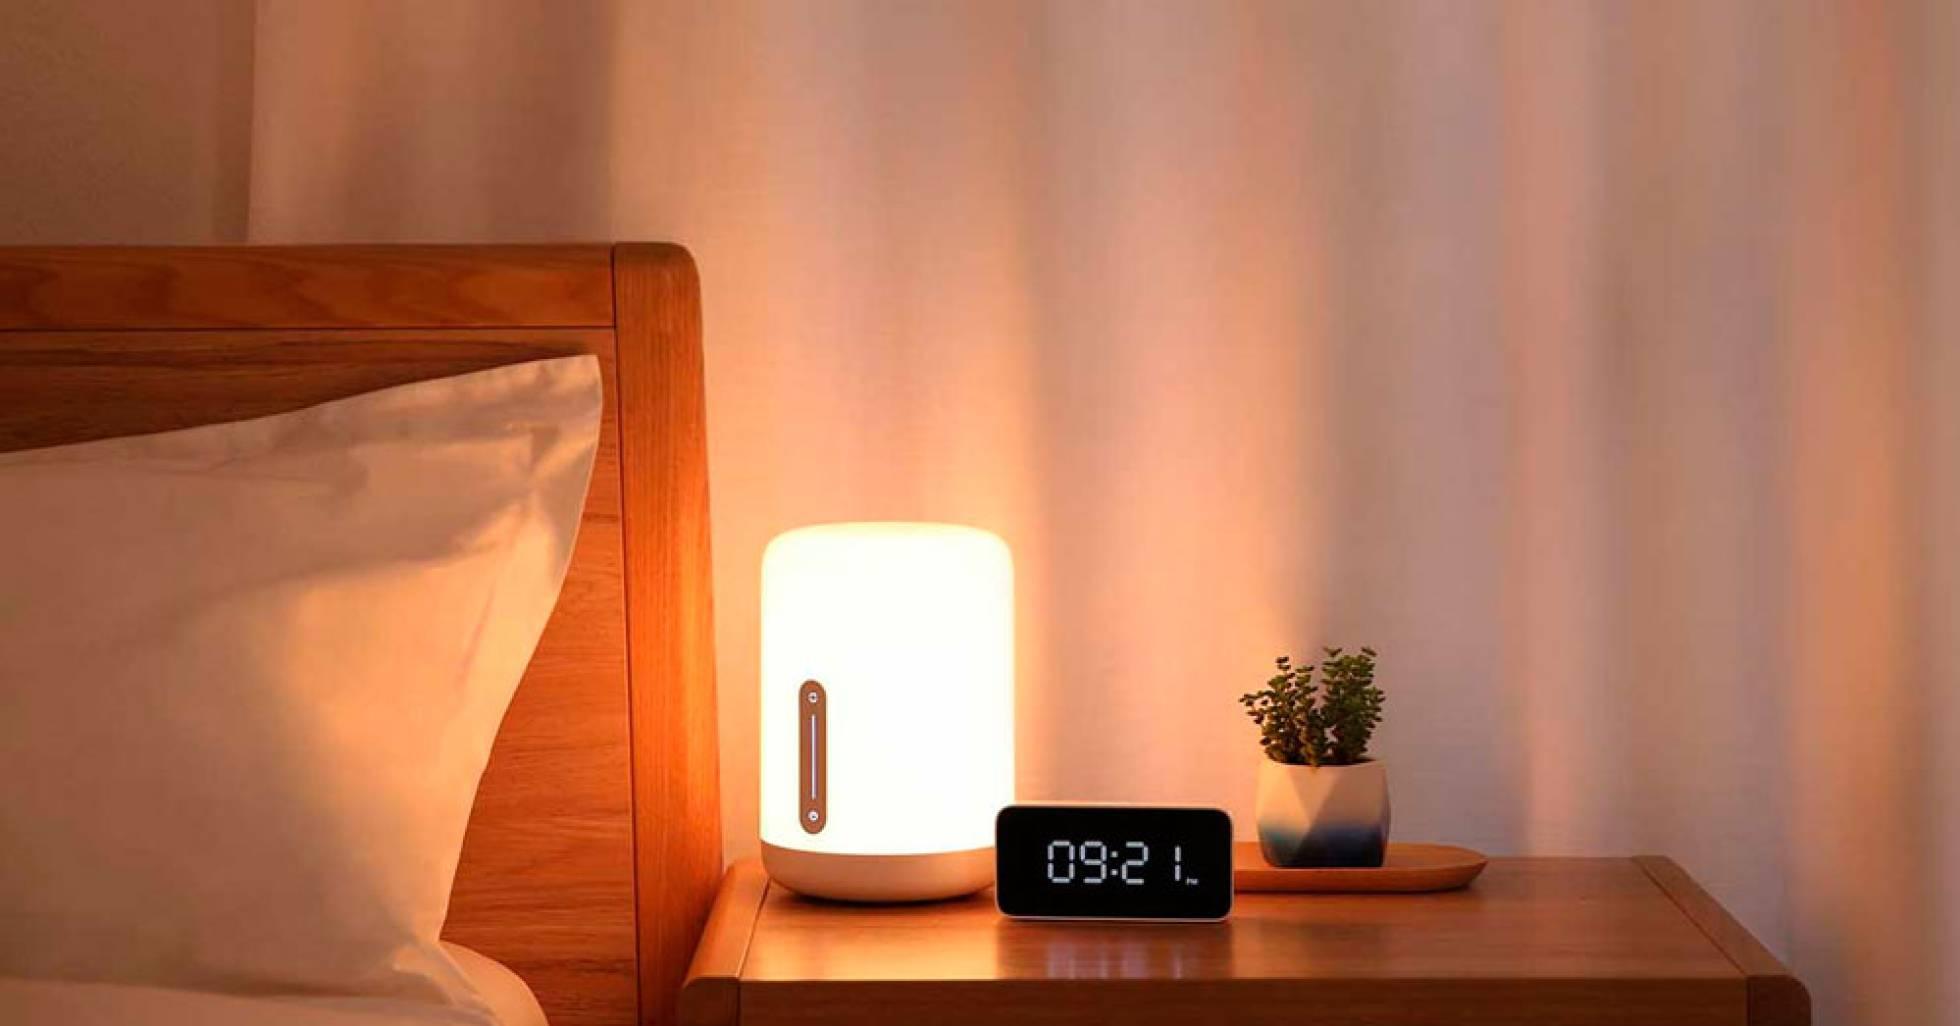 Nuevas bombillas Yeelight Mesh Estas nuevas bombillas diseñadas por Xiaomi son ideales para ser utilizadas desde el Smartphone o bien desde el altavoz inteligente con el que cuenta la firma china, y que integra el asistente de voz de Xiaomi, que como podéis imaginar todavía no habla español. En cualquier caso han lanzado cuatro nuevas bombillas, dos de ellas tipo LED. Todas son inteligentes y se pueden controlar desde el móvil o uno de estos altavoces inteligentes. Los modelos que se han lanzado al mercado son los siguientes: Bombilla normal: 6 W, 500 lm, 79 RMB (10 euros), Bombilla tipo vela: 3,5 W, 250 lm, 49 RMB (6 euros), Halógena LED: 4 W, 300 lm, 49 RMB (6 euros), Mini placa LED: 5 W, 400 lm, 49 RMB (6 euros). Lámpara de mesilla La firma china también ha lanzado una nueva lámpara, que por su tamaño y características es ideal para tenerla en la mesilla de noche. Esta se puede ajustar entre los 2 y 400 lúmenes, y nos permite seleccionar el color de la luz que emite gracias a un LED WRGB, por lo que los colores que puede mostrar son casi infinitos. Además cuenta con conectividad WIFi N, así como Bluetooth 4.2. La potencia es de 9 vatios.